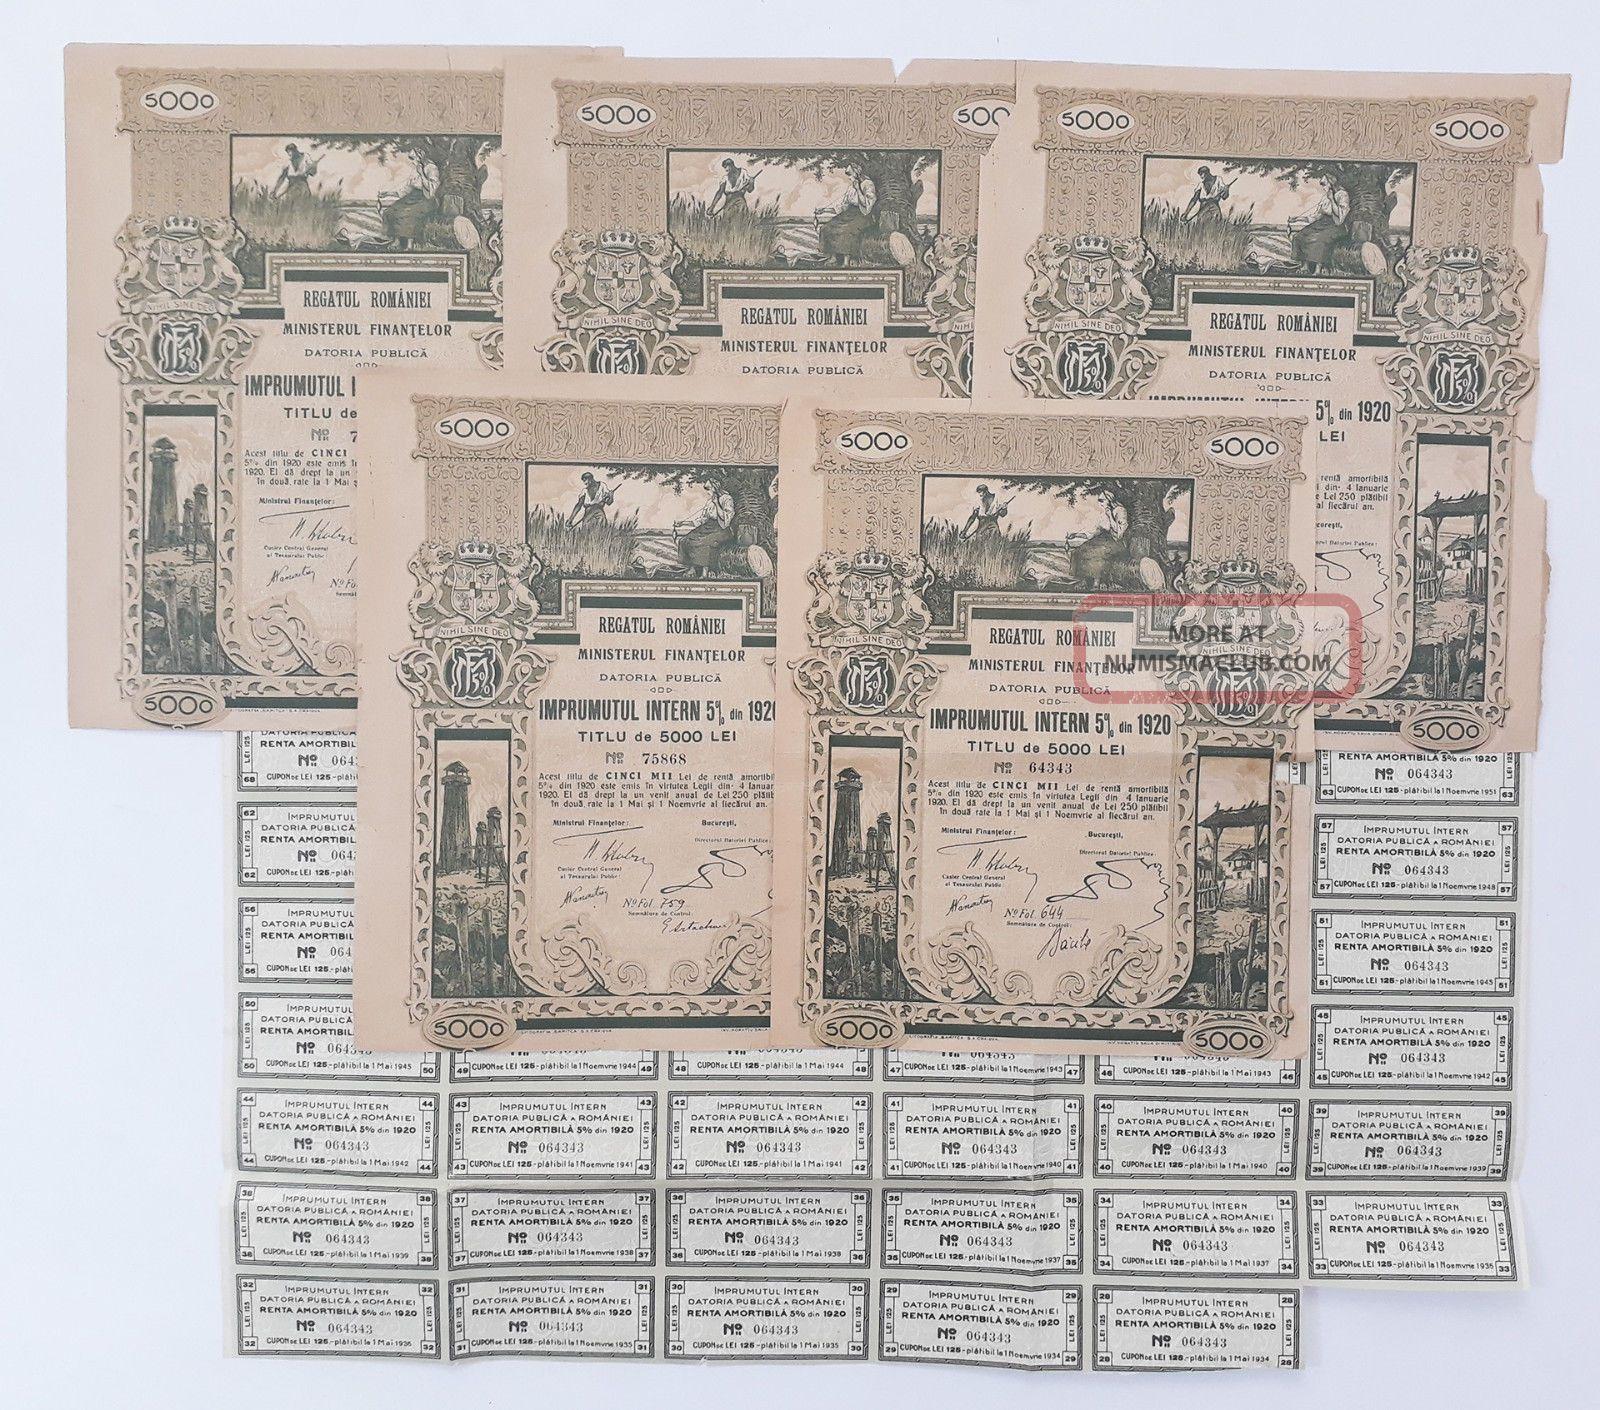 Romania 1920 - Regatul Romaniei Datoria Publica Imprumutul Intern 5 Lei 5000 (x5) Stocks & Bonds, Scripophily photo